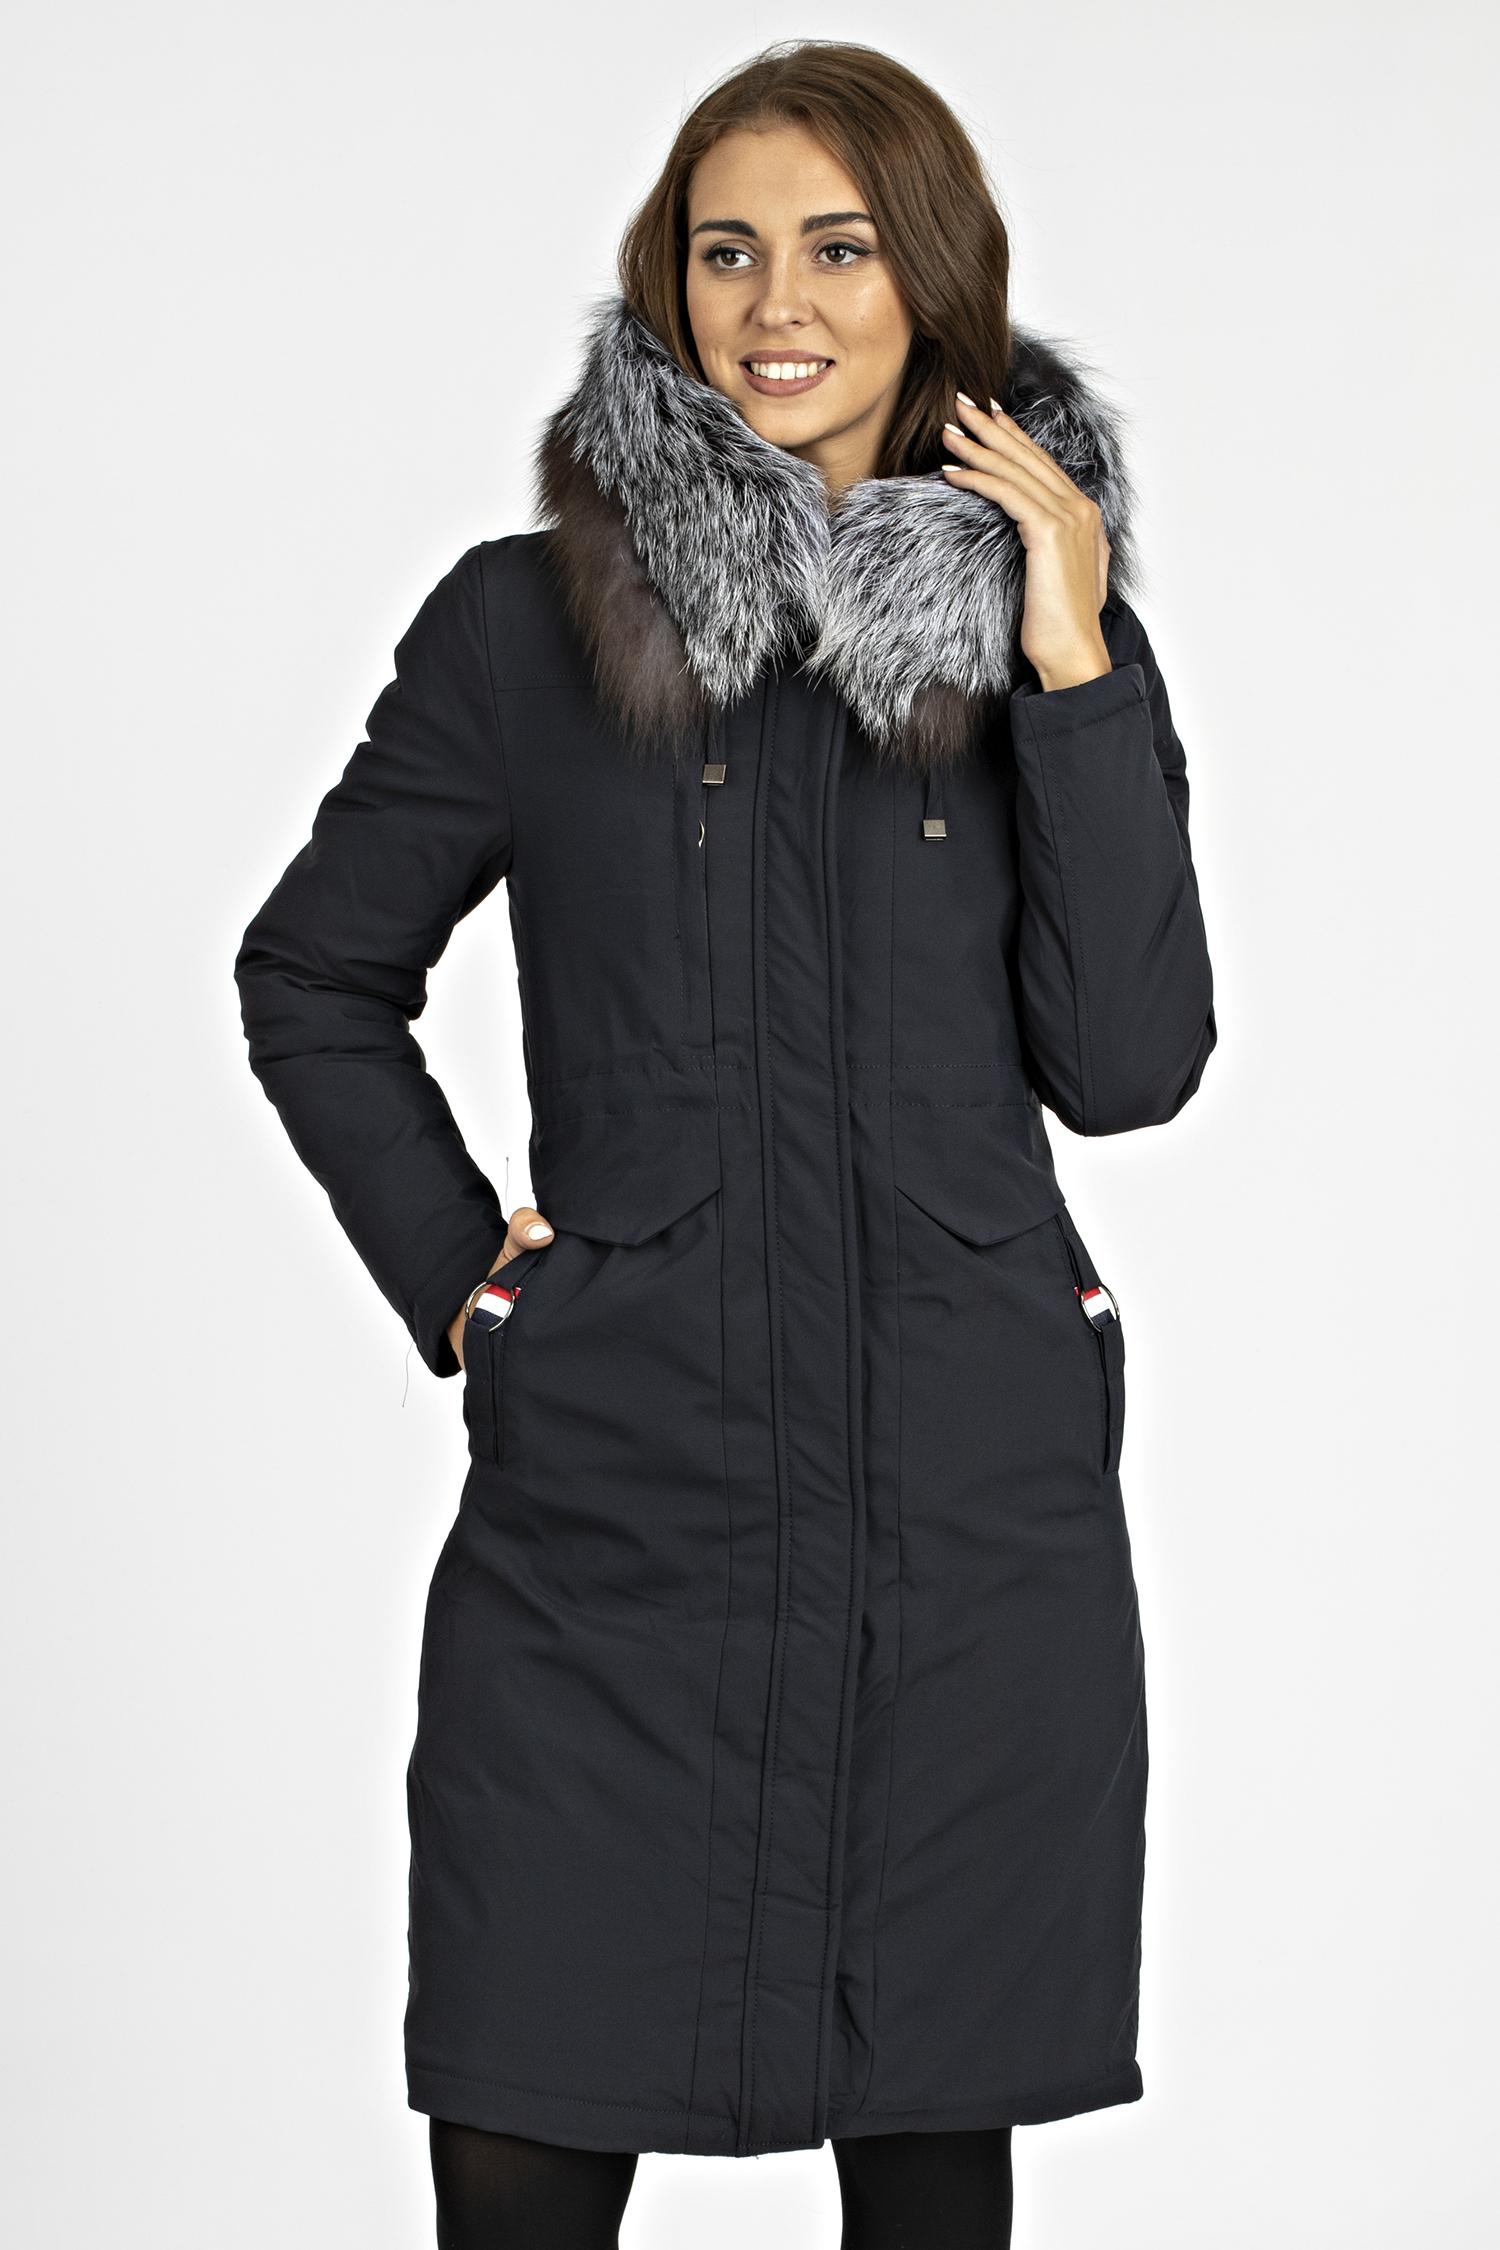 Купить со скидкой Пуховик женский из текстиля с капюшоном, отделка чернобурка